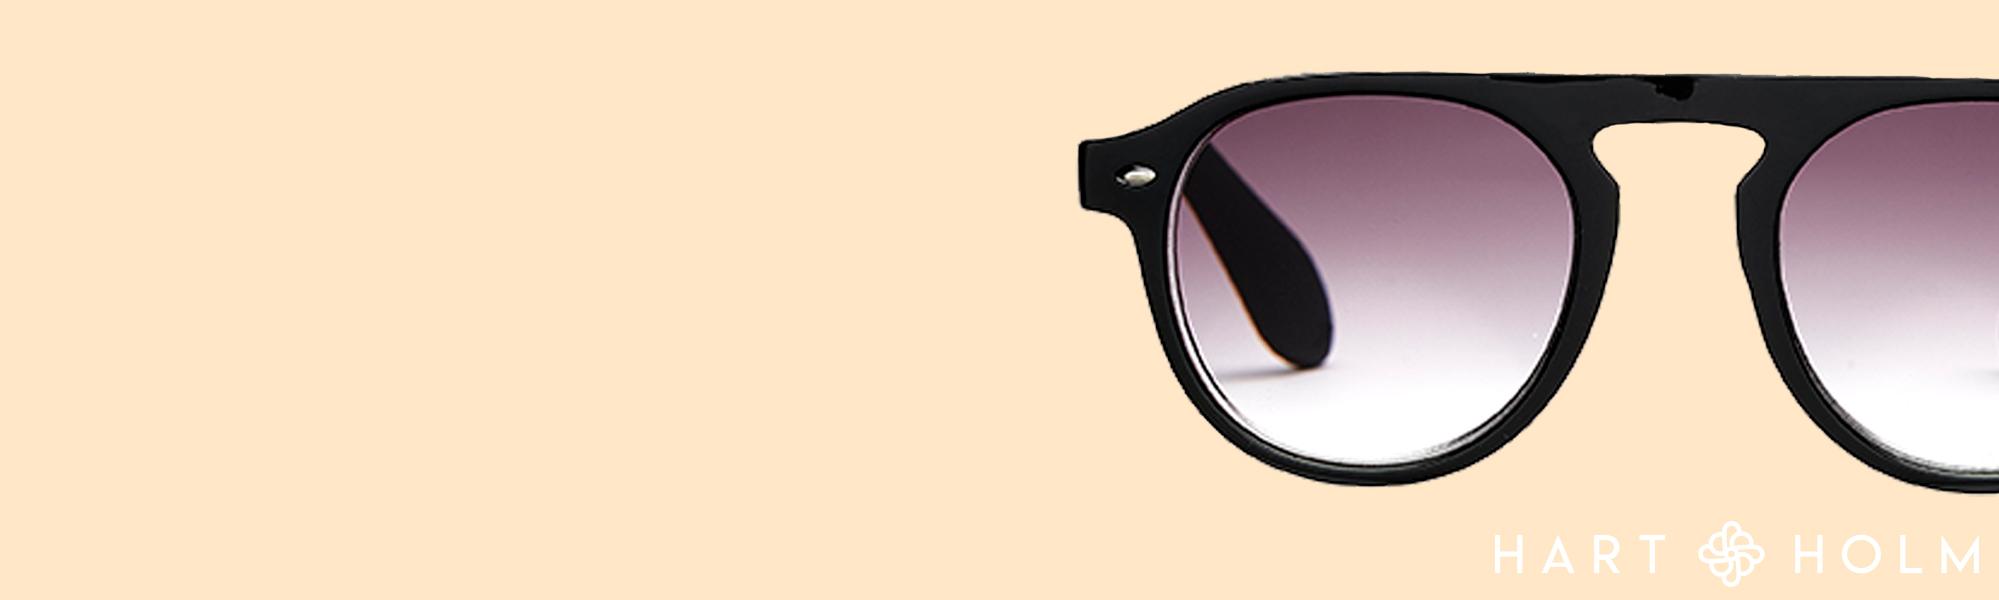 CLASSIC Solbriller med styrke